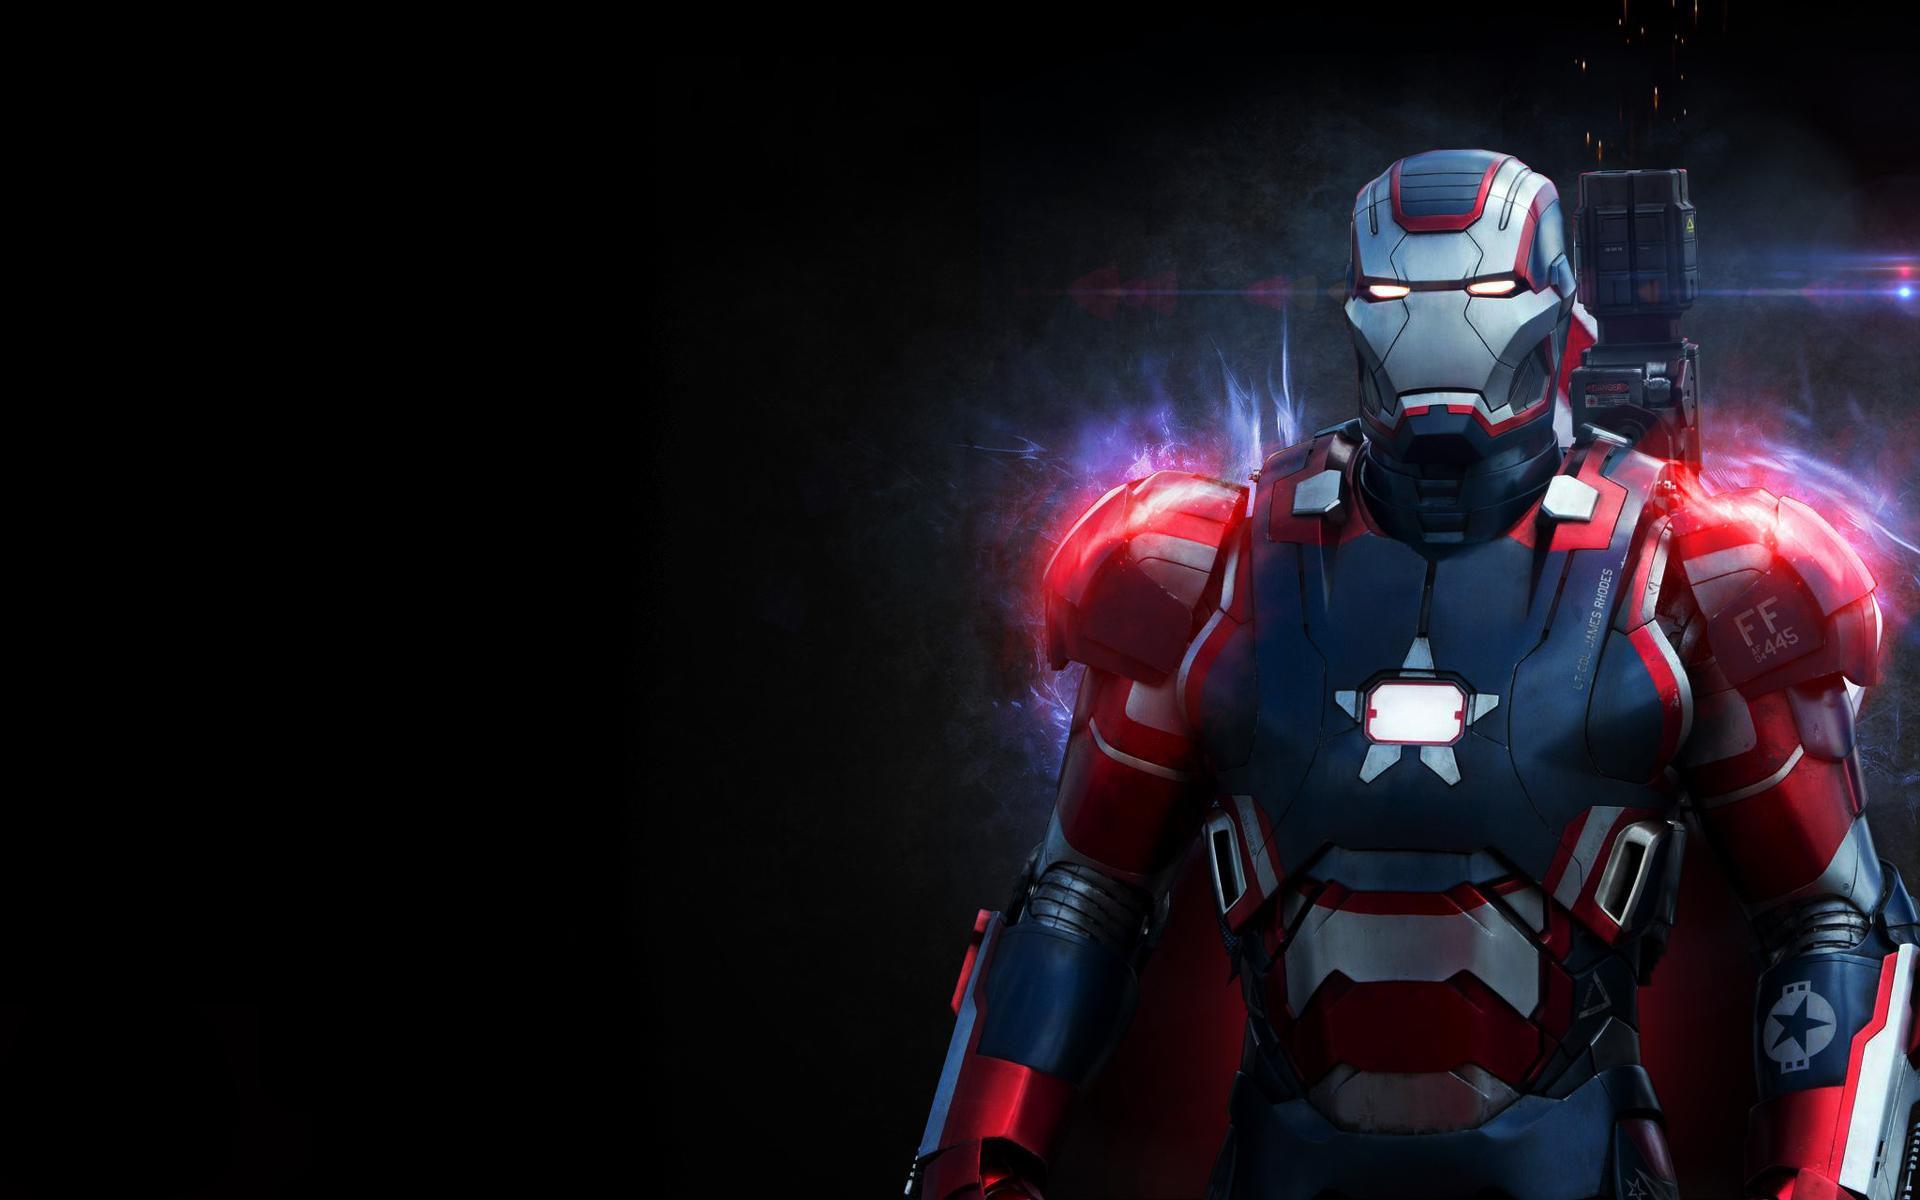 Iron Man War Machine Black Suit Superhero Wallpaper